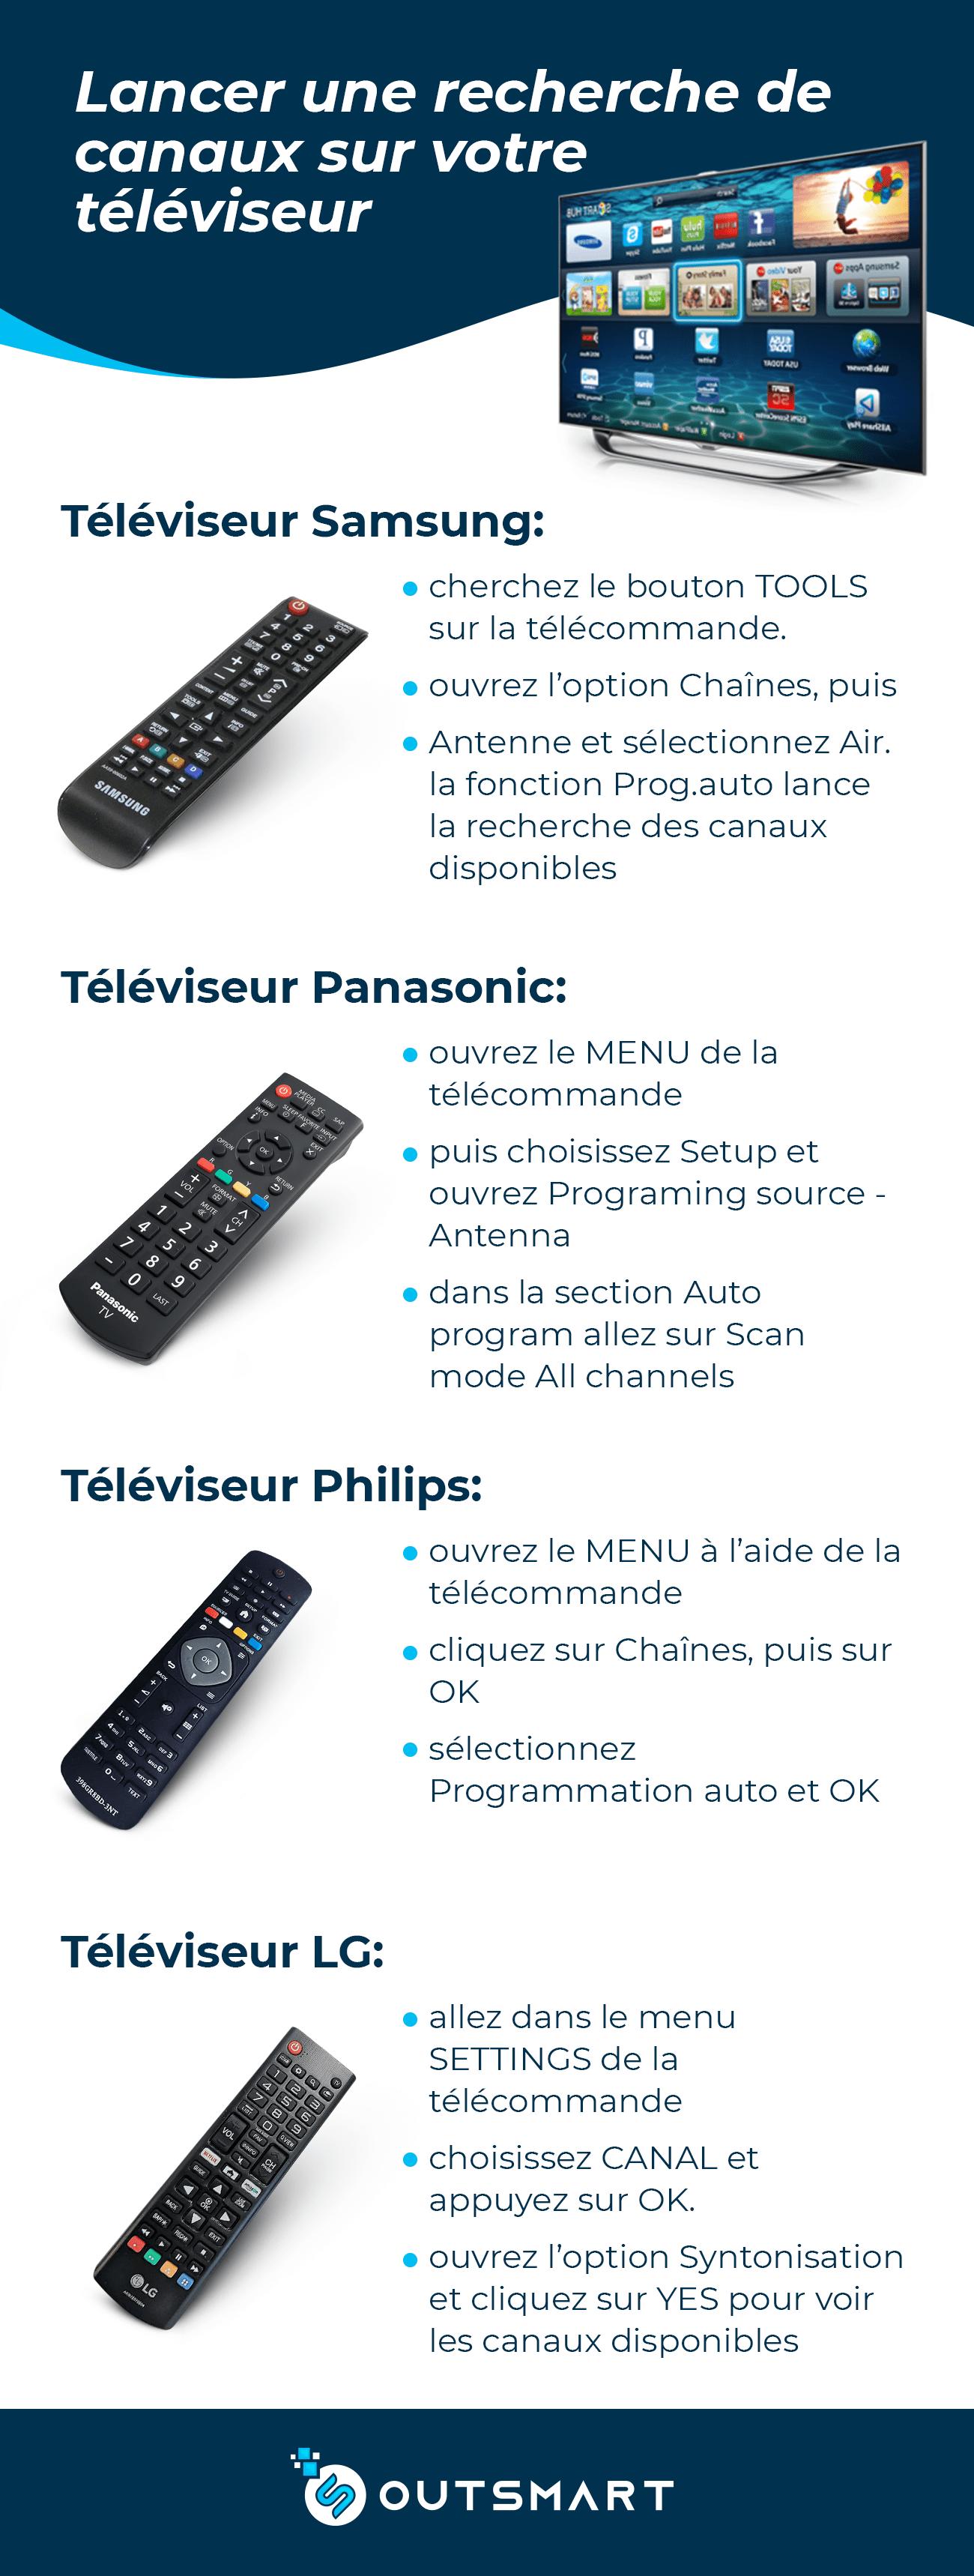 comment rechercher de nouveaux canaux sur votre téléviseur